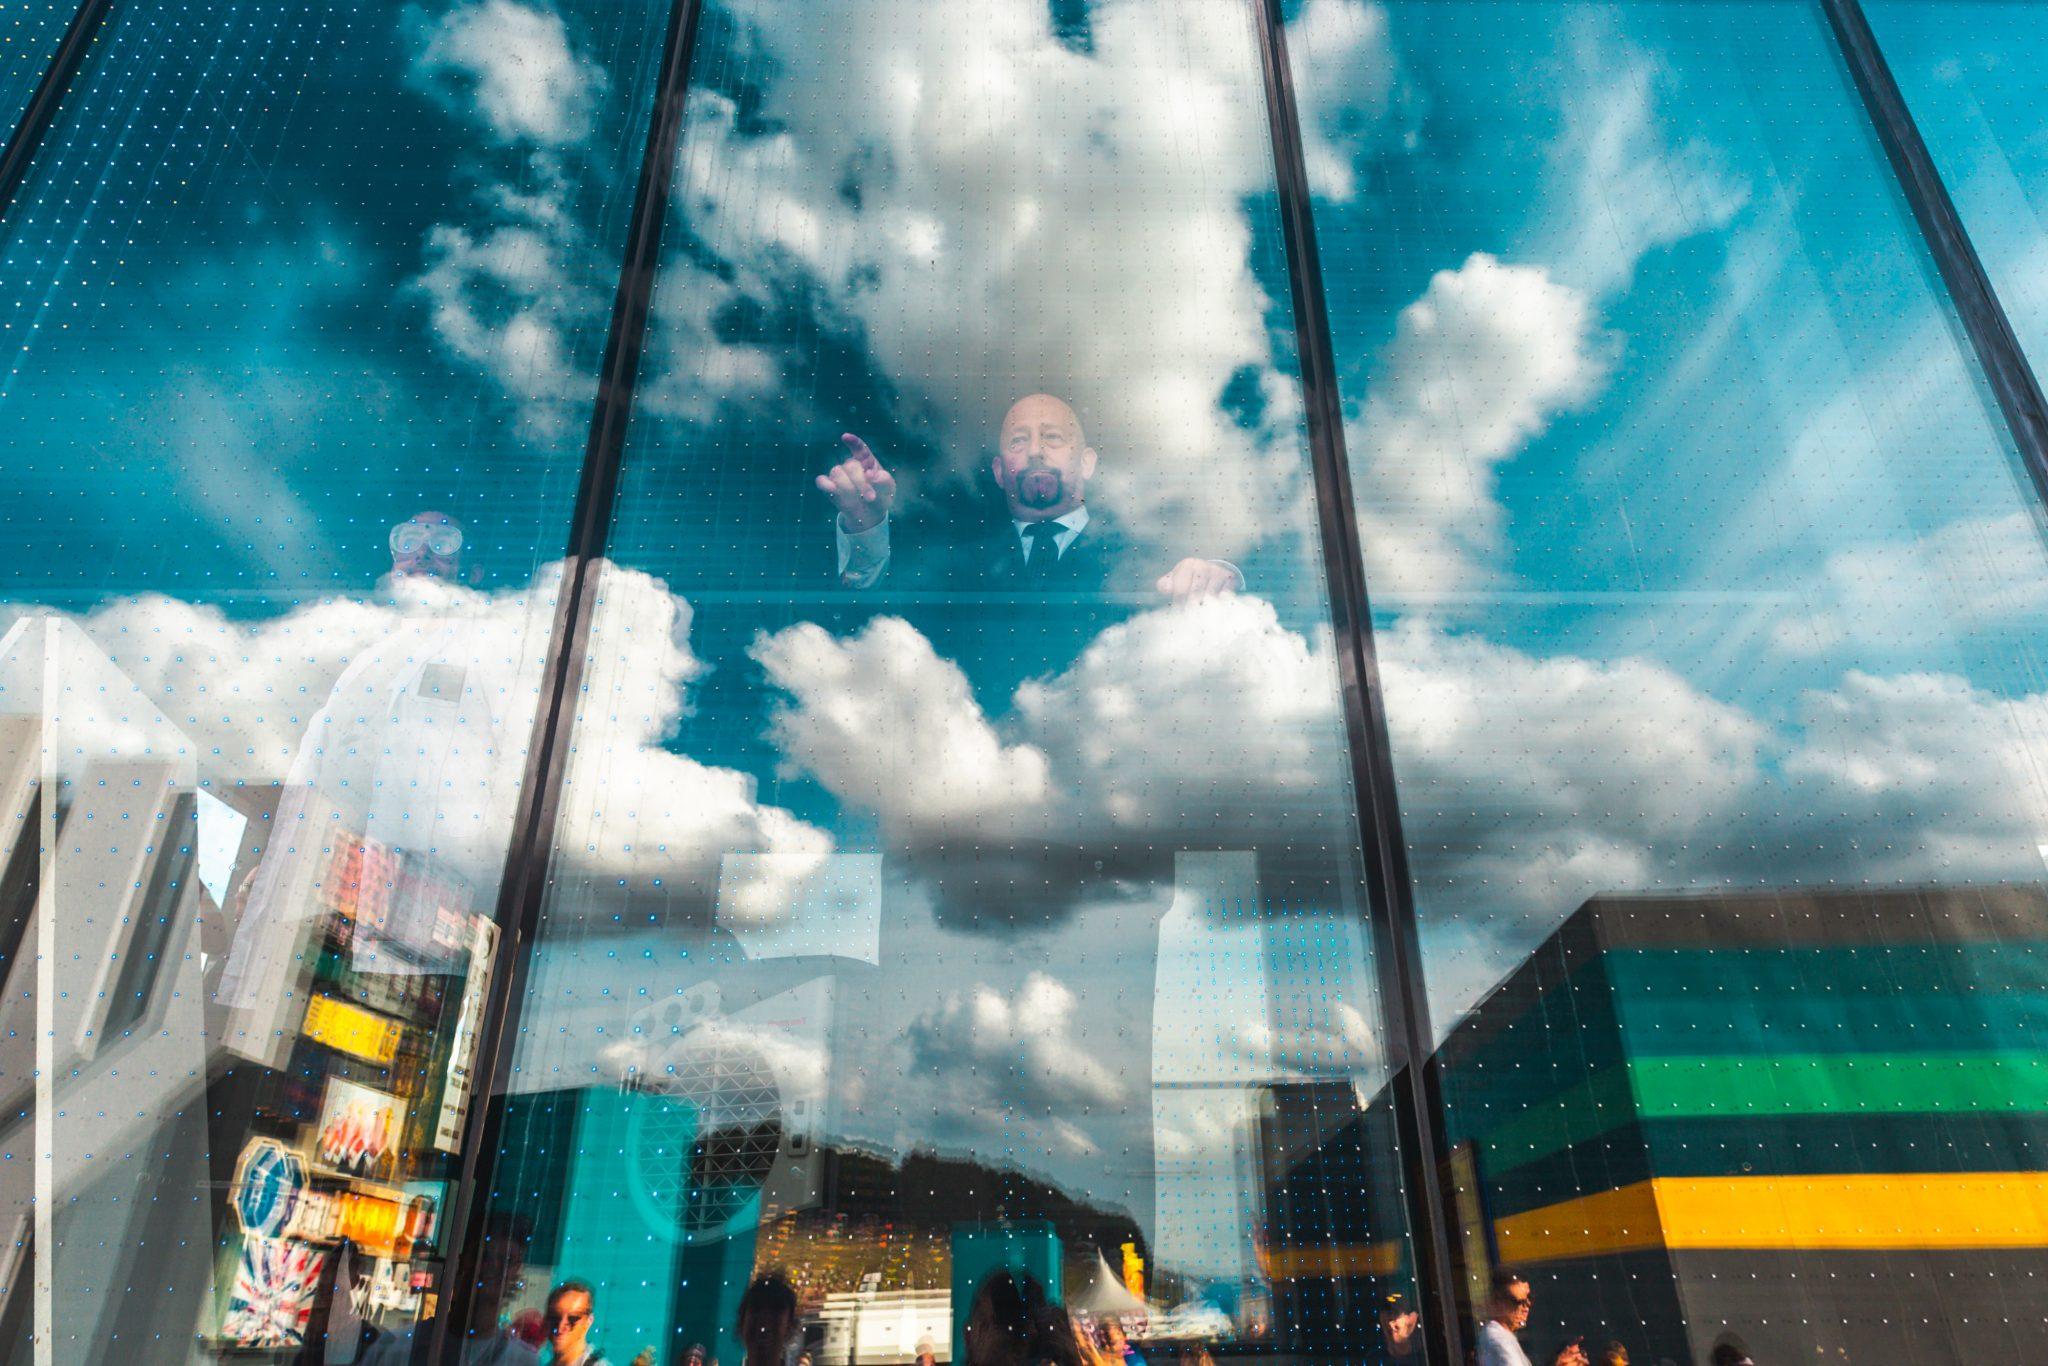 Clouds, Boomtown 2018 © Lucas Sinclair